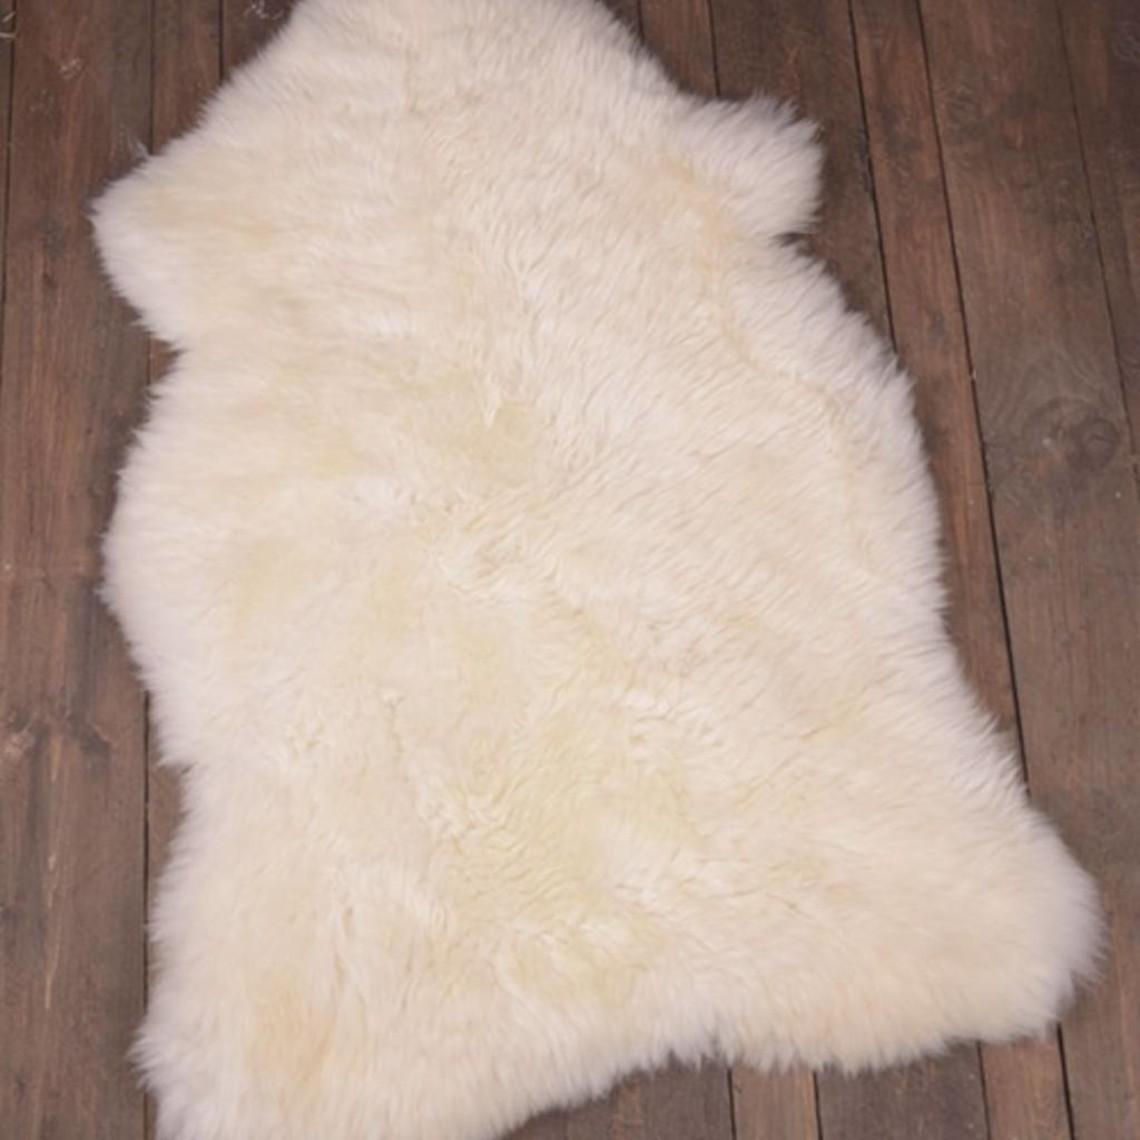 Angielska skóra owcza, kość słoniowa